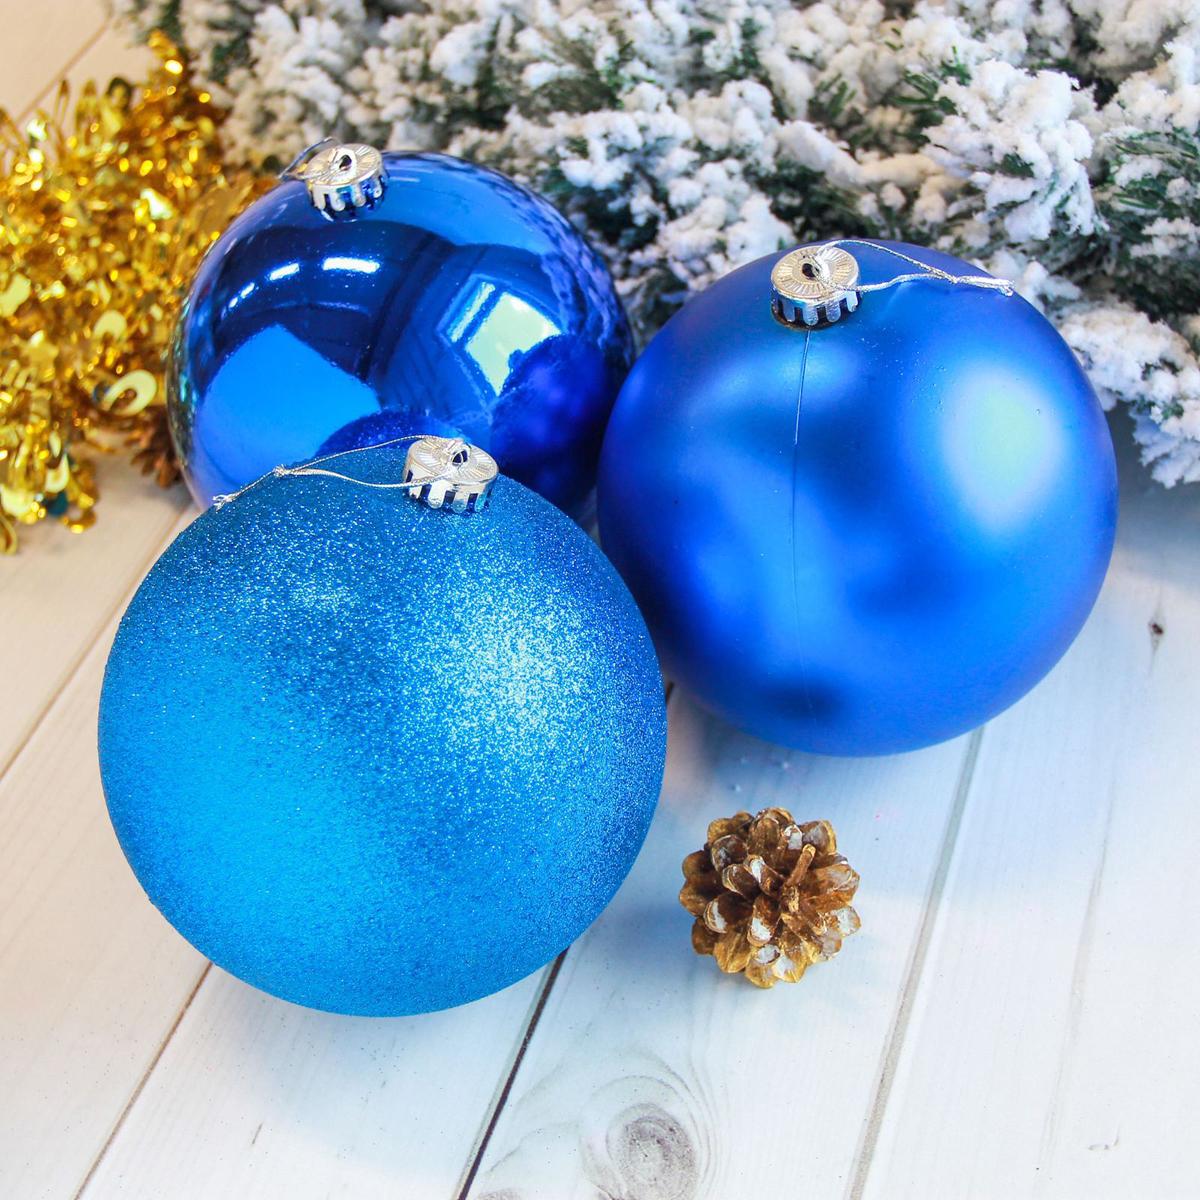 Набор новогодних подвесных украшений Sima-land Гиганты, цвет: синий, диаметр 15 см, 3 шт кармашки на стену для бани sima land банные мелочи цвет белый 3 шт